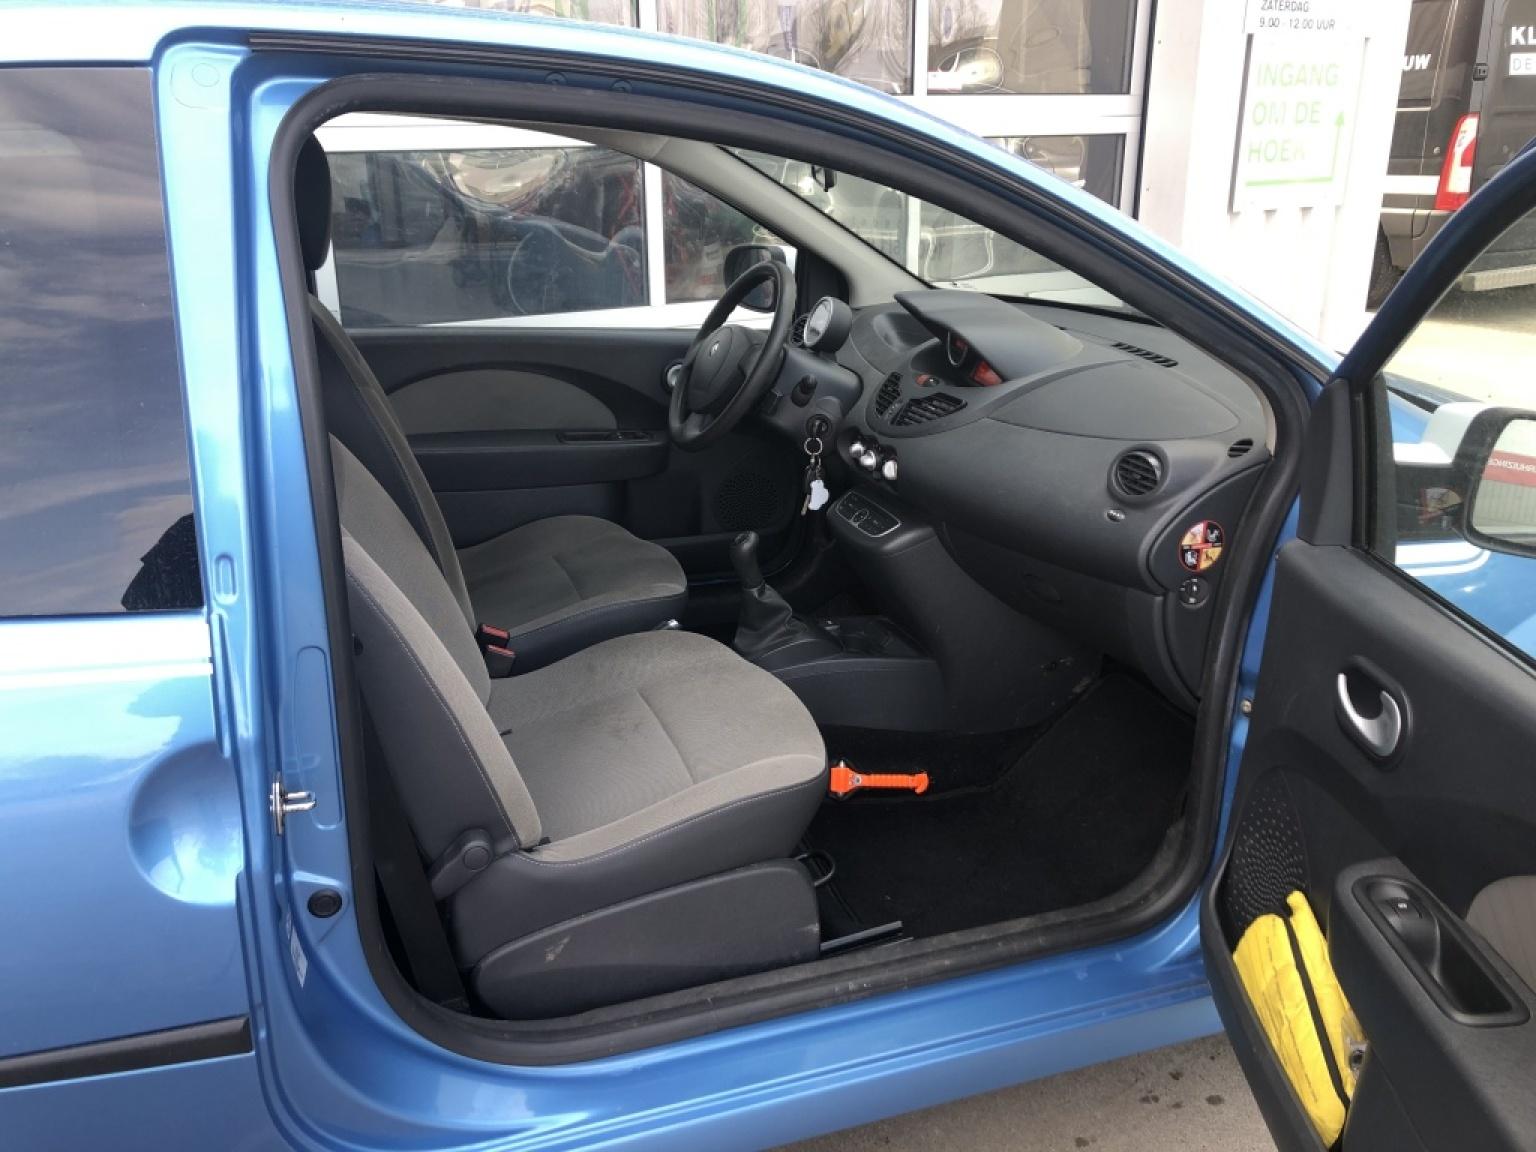 Renault-Twingo-7